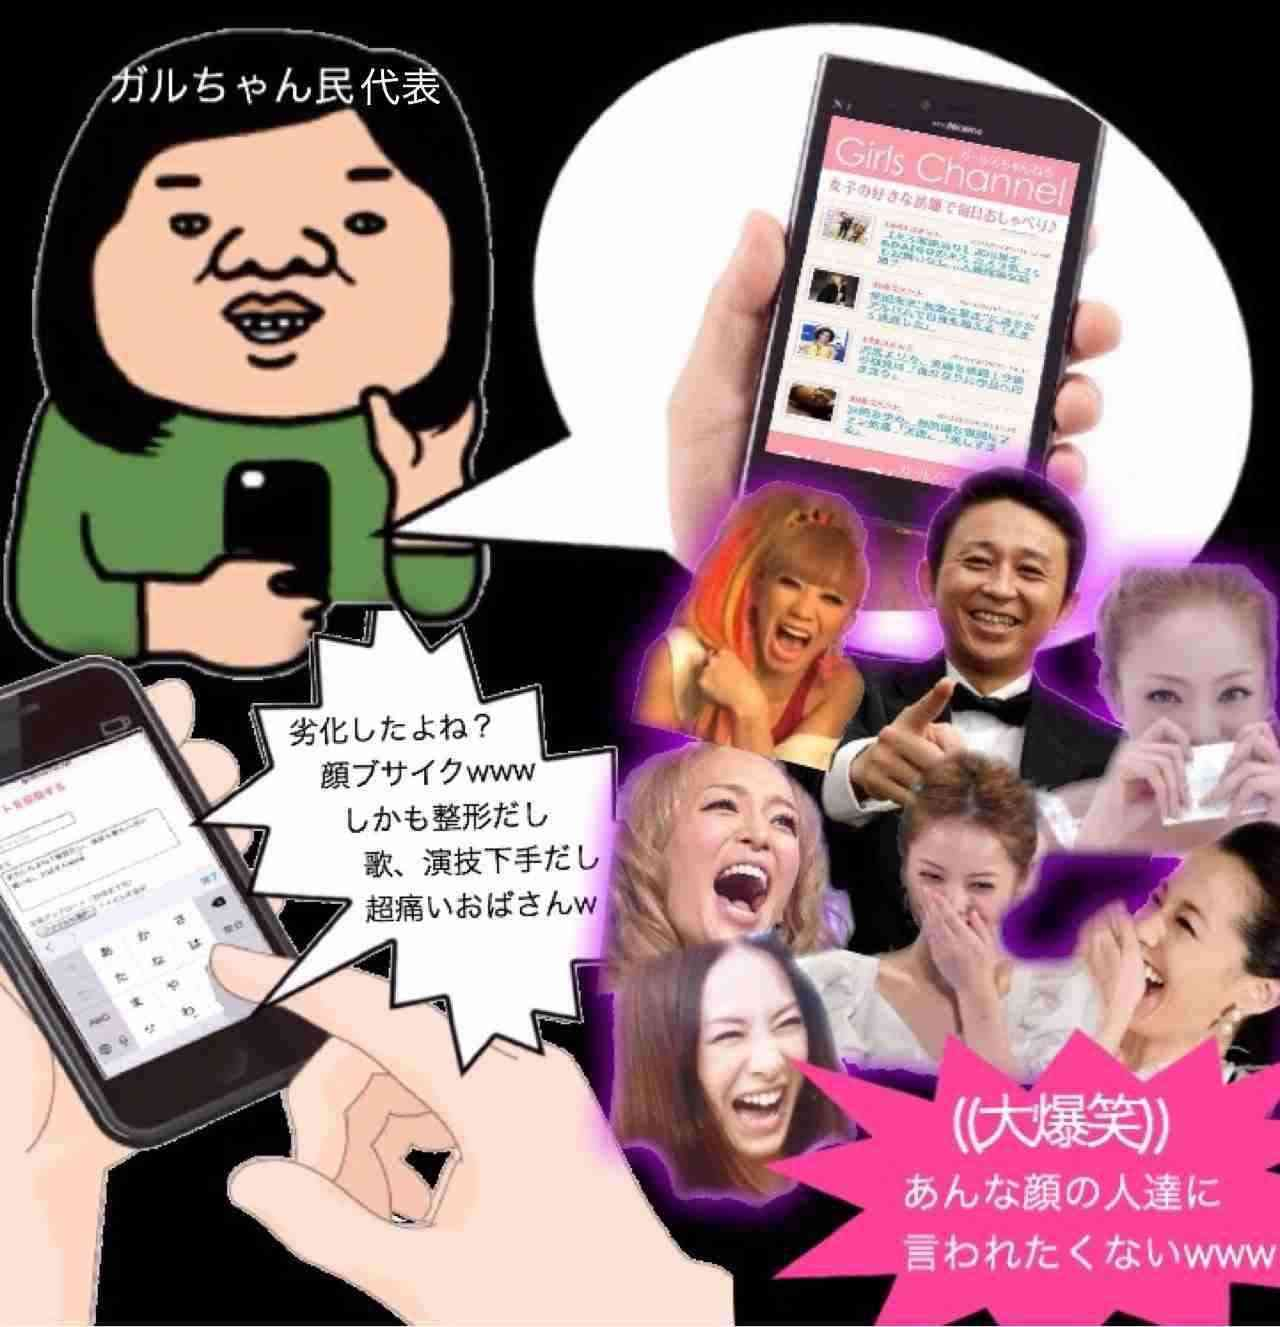 天使かと…浜崎あゆみの上目遣い写真が「可愛すぎる」と反響!